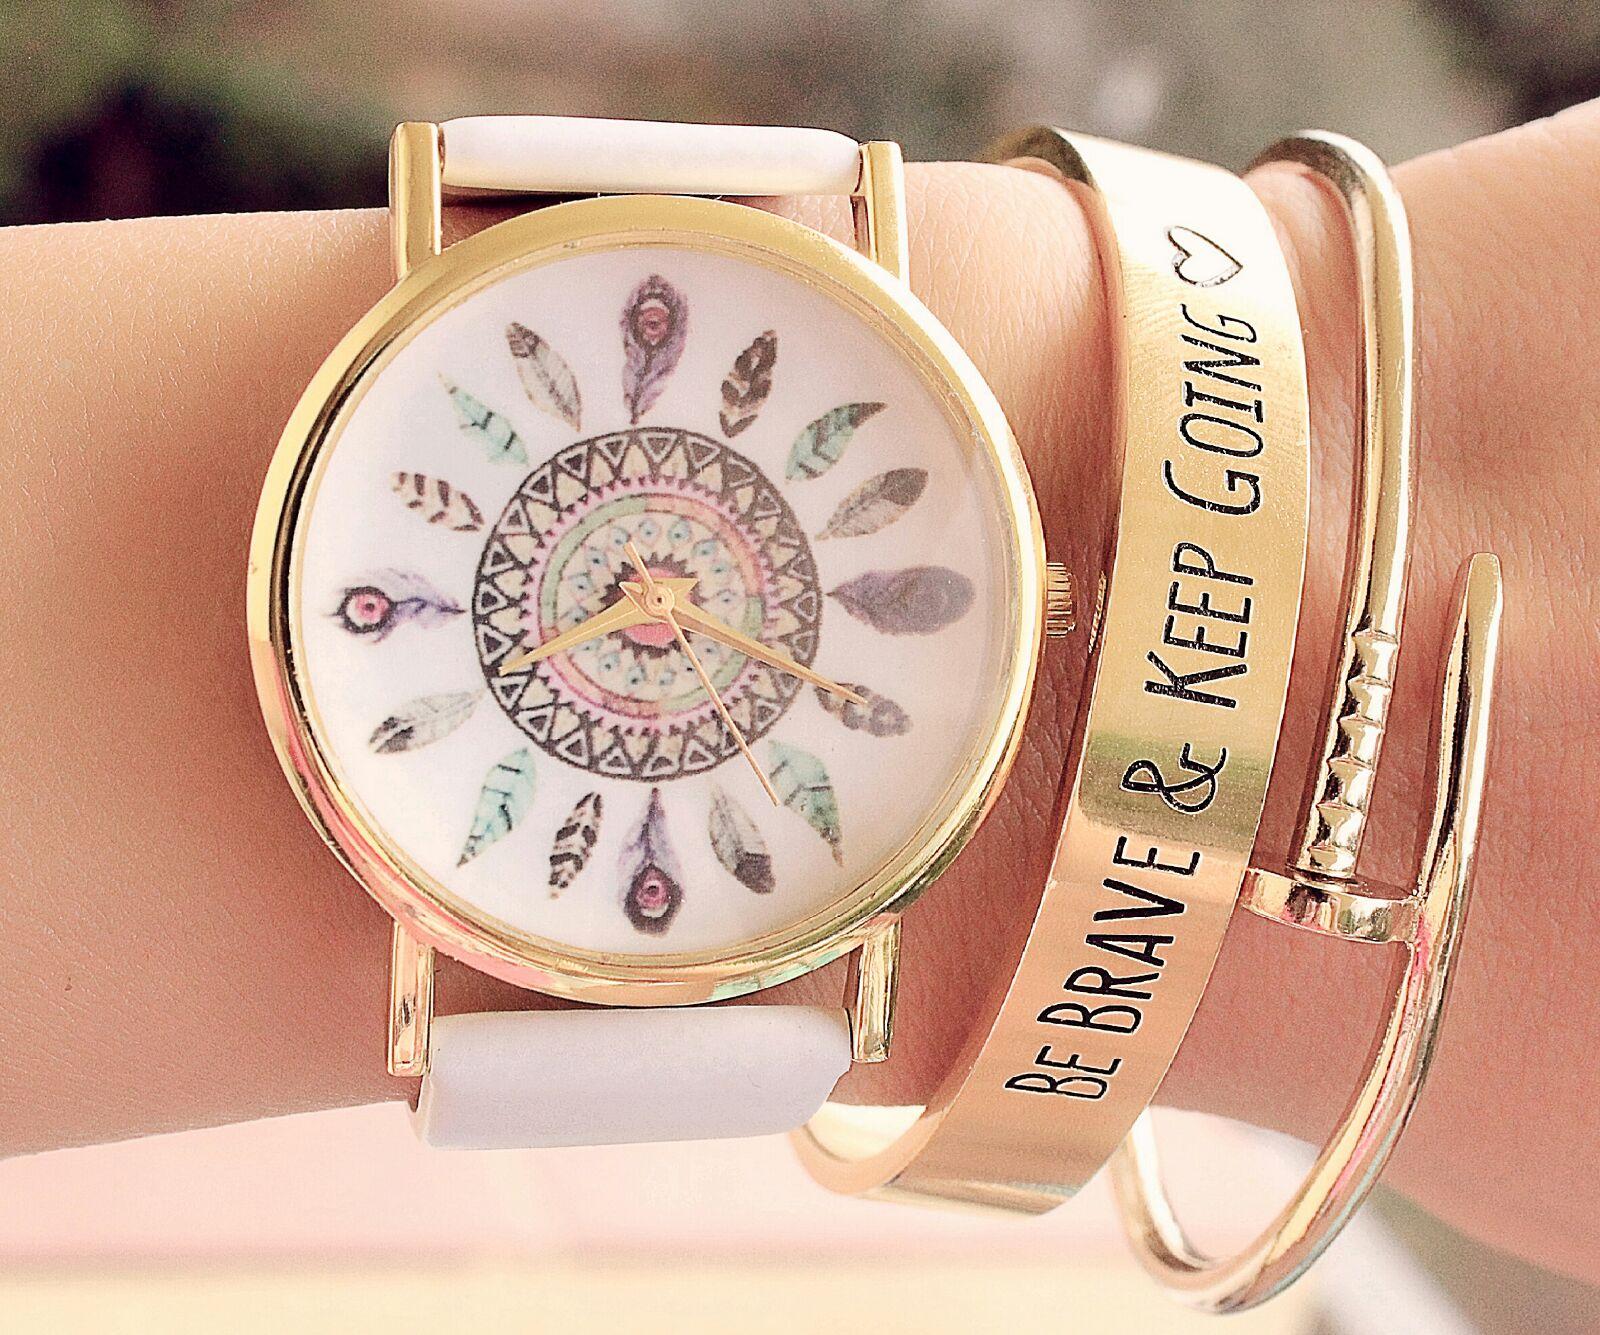 Acheter montre en ligne - montres et accessoires de mode